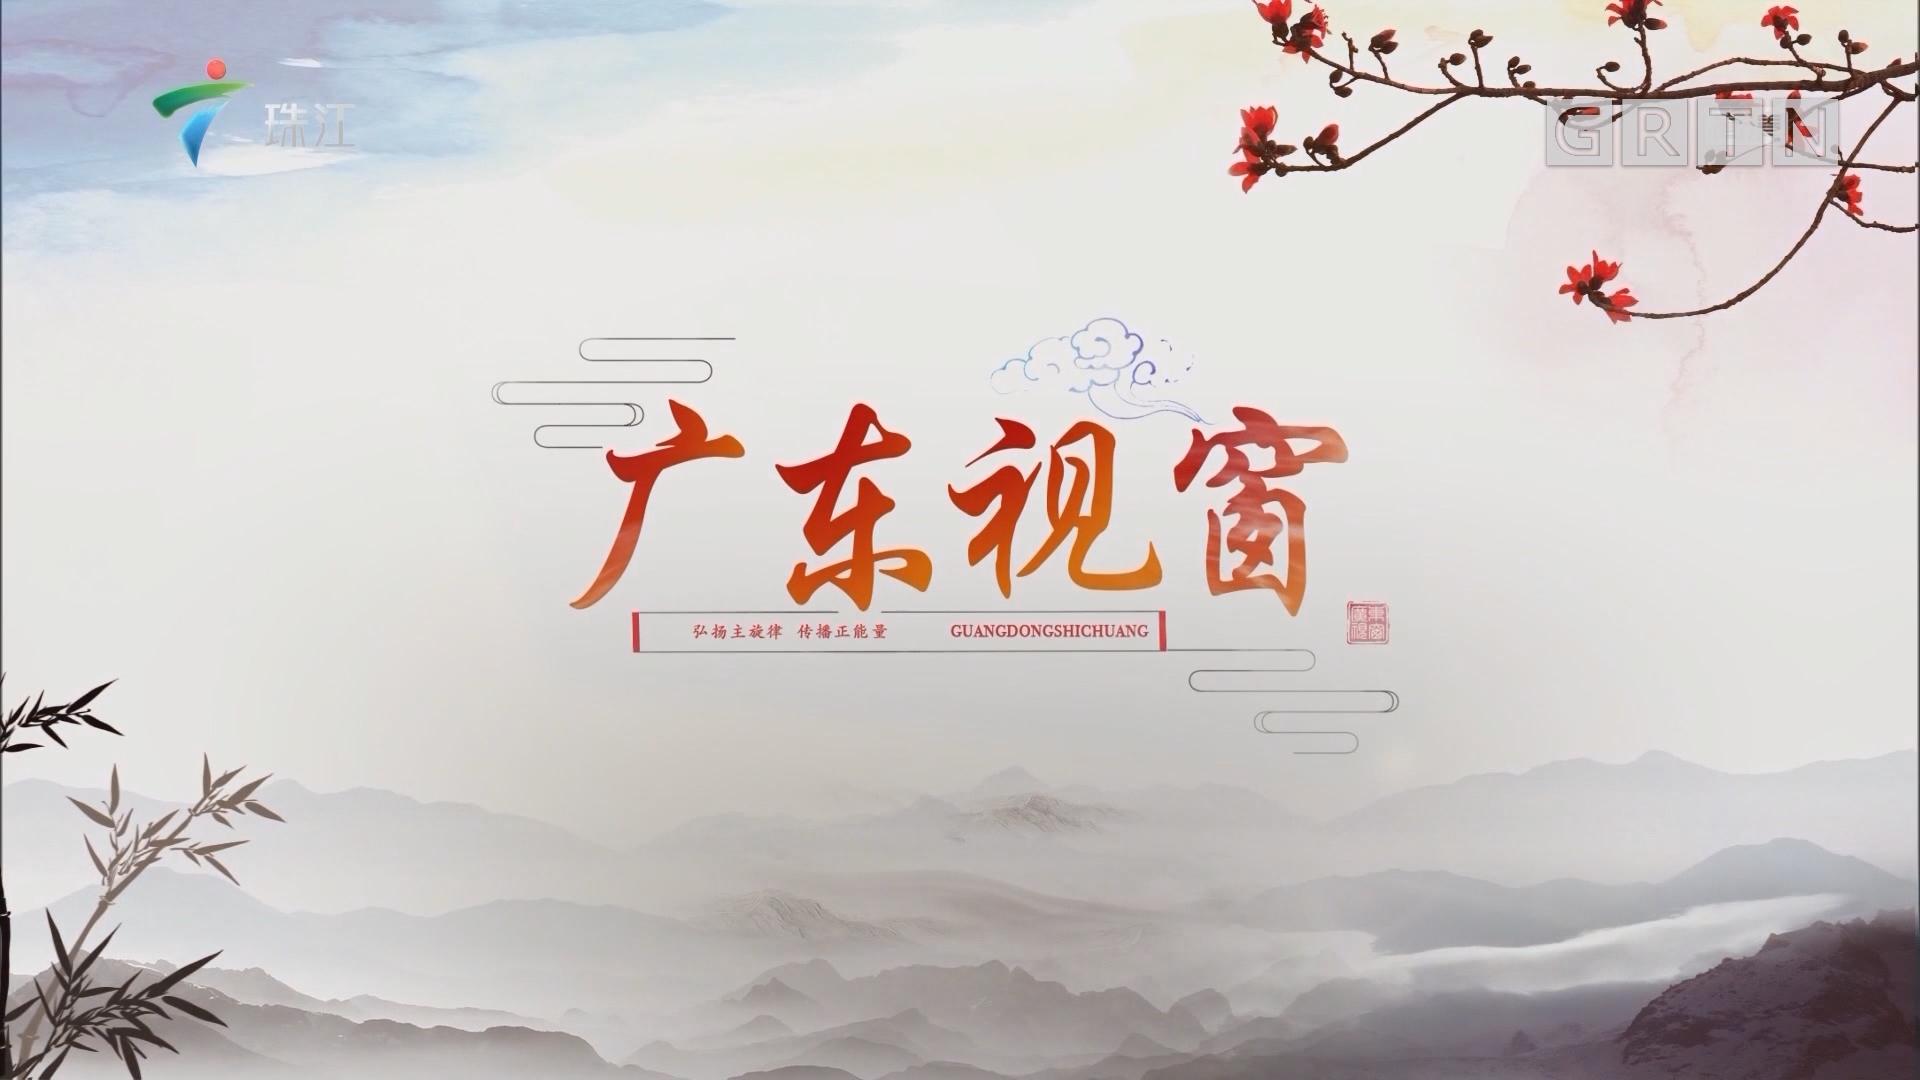 [HD][2019-08-24]广东视窗:广州荔湾:抗糖路上 健康教育与疾病治疗并行